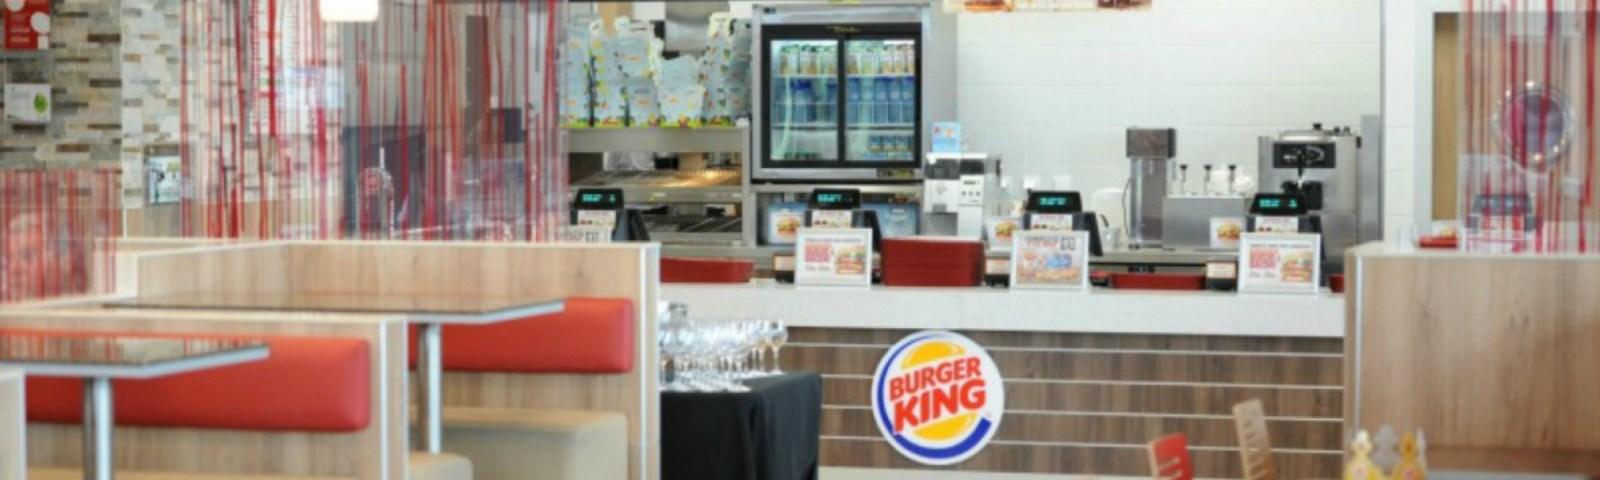 4212-burger-king-infofranchising